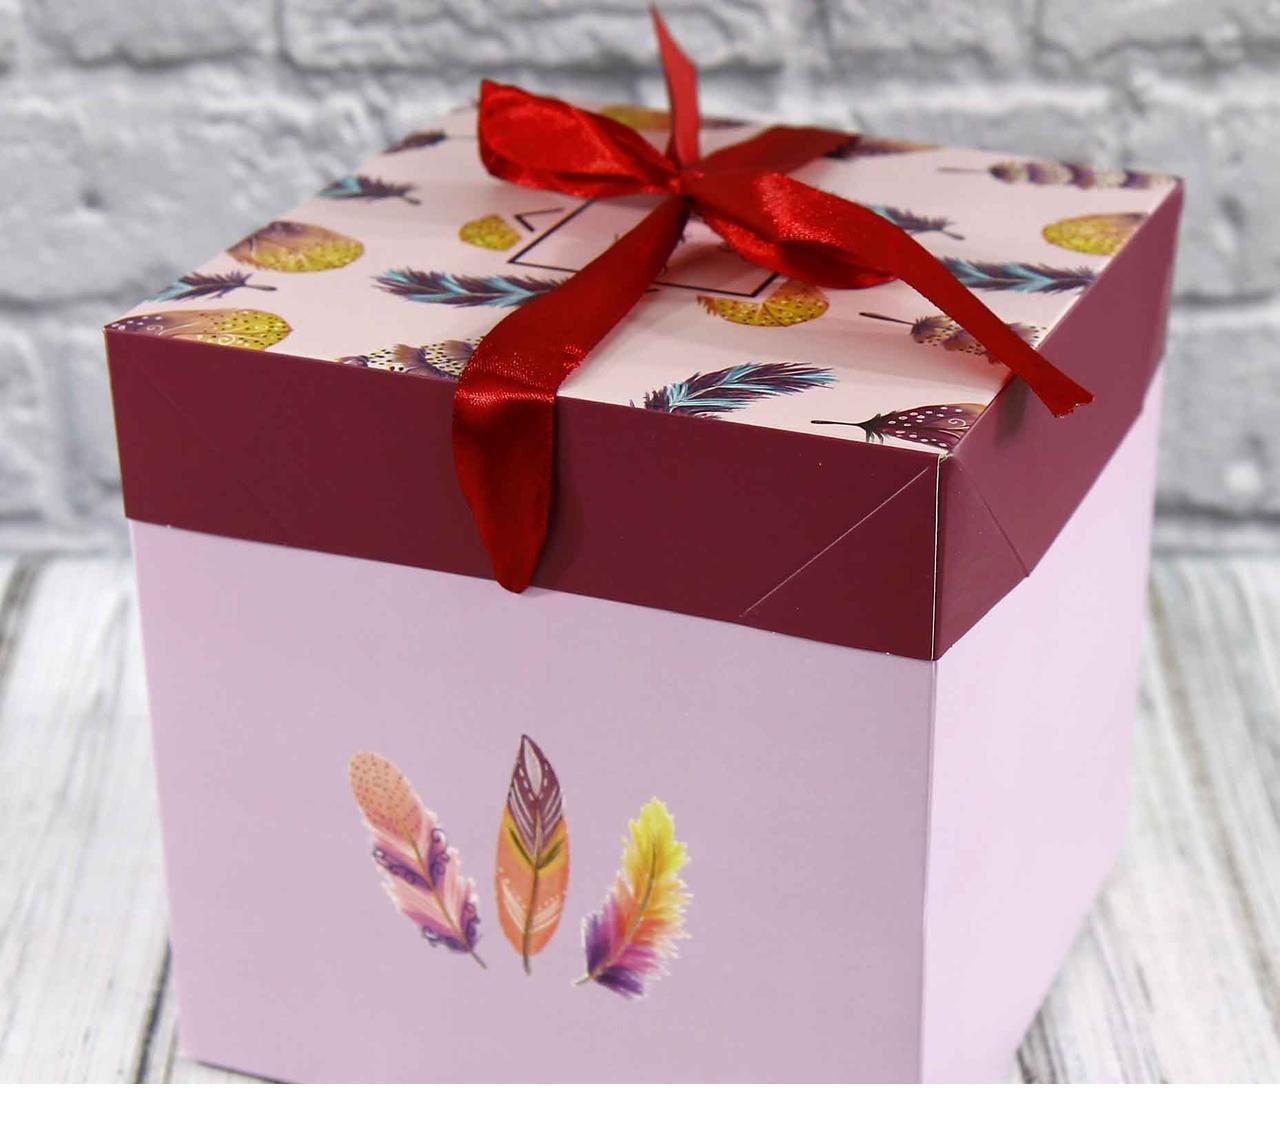 Коробка для пакування подарунків складна (16,5*16,5*16,5 см)